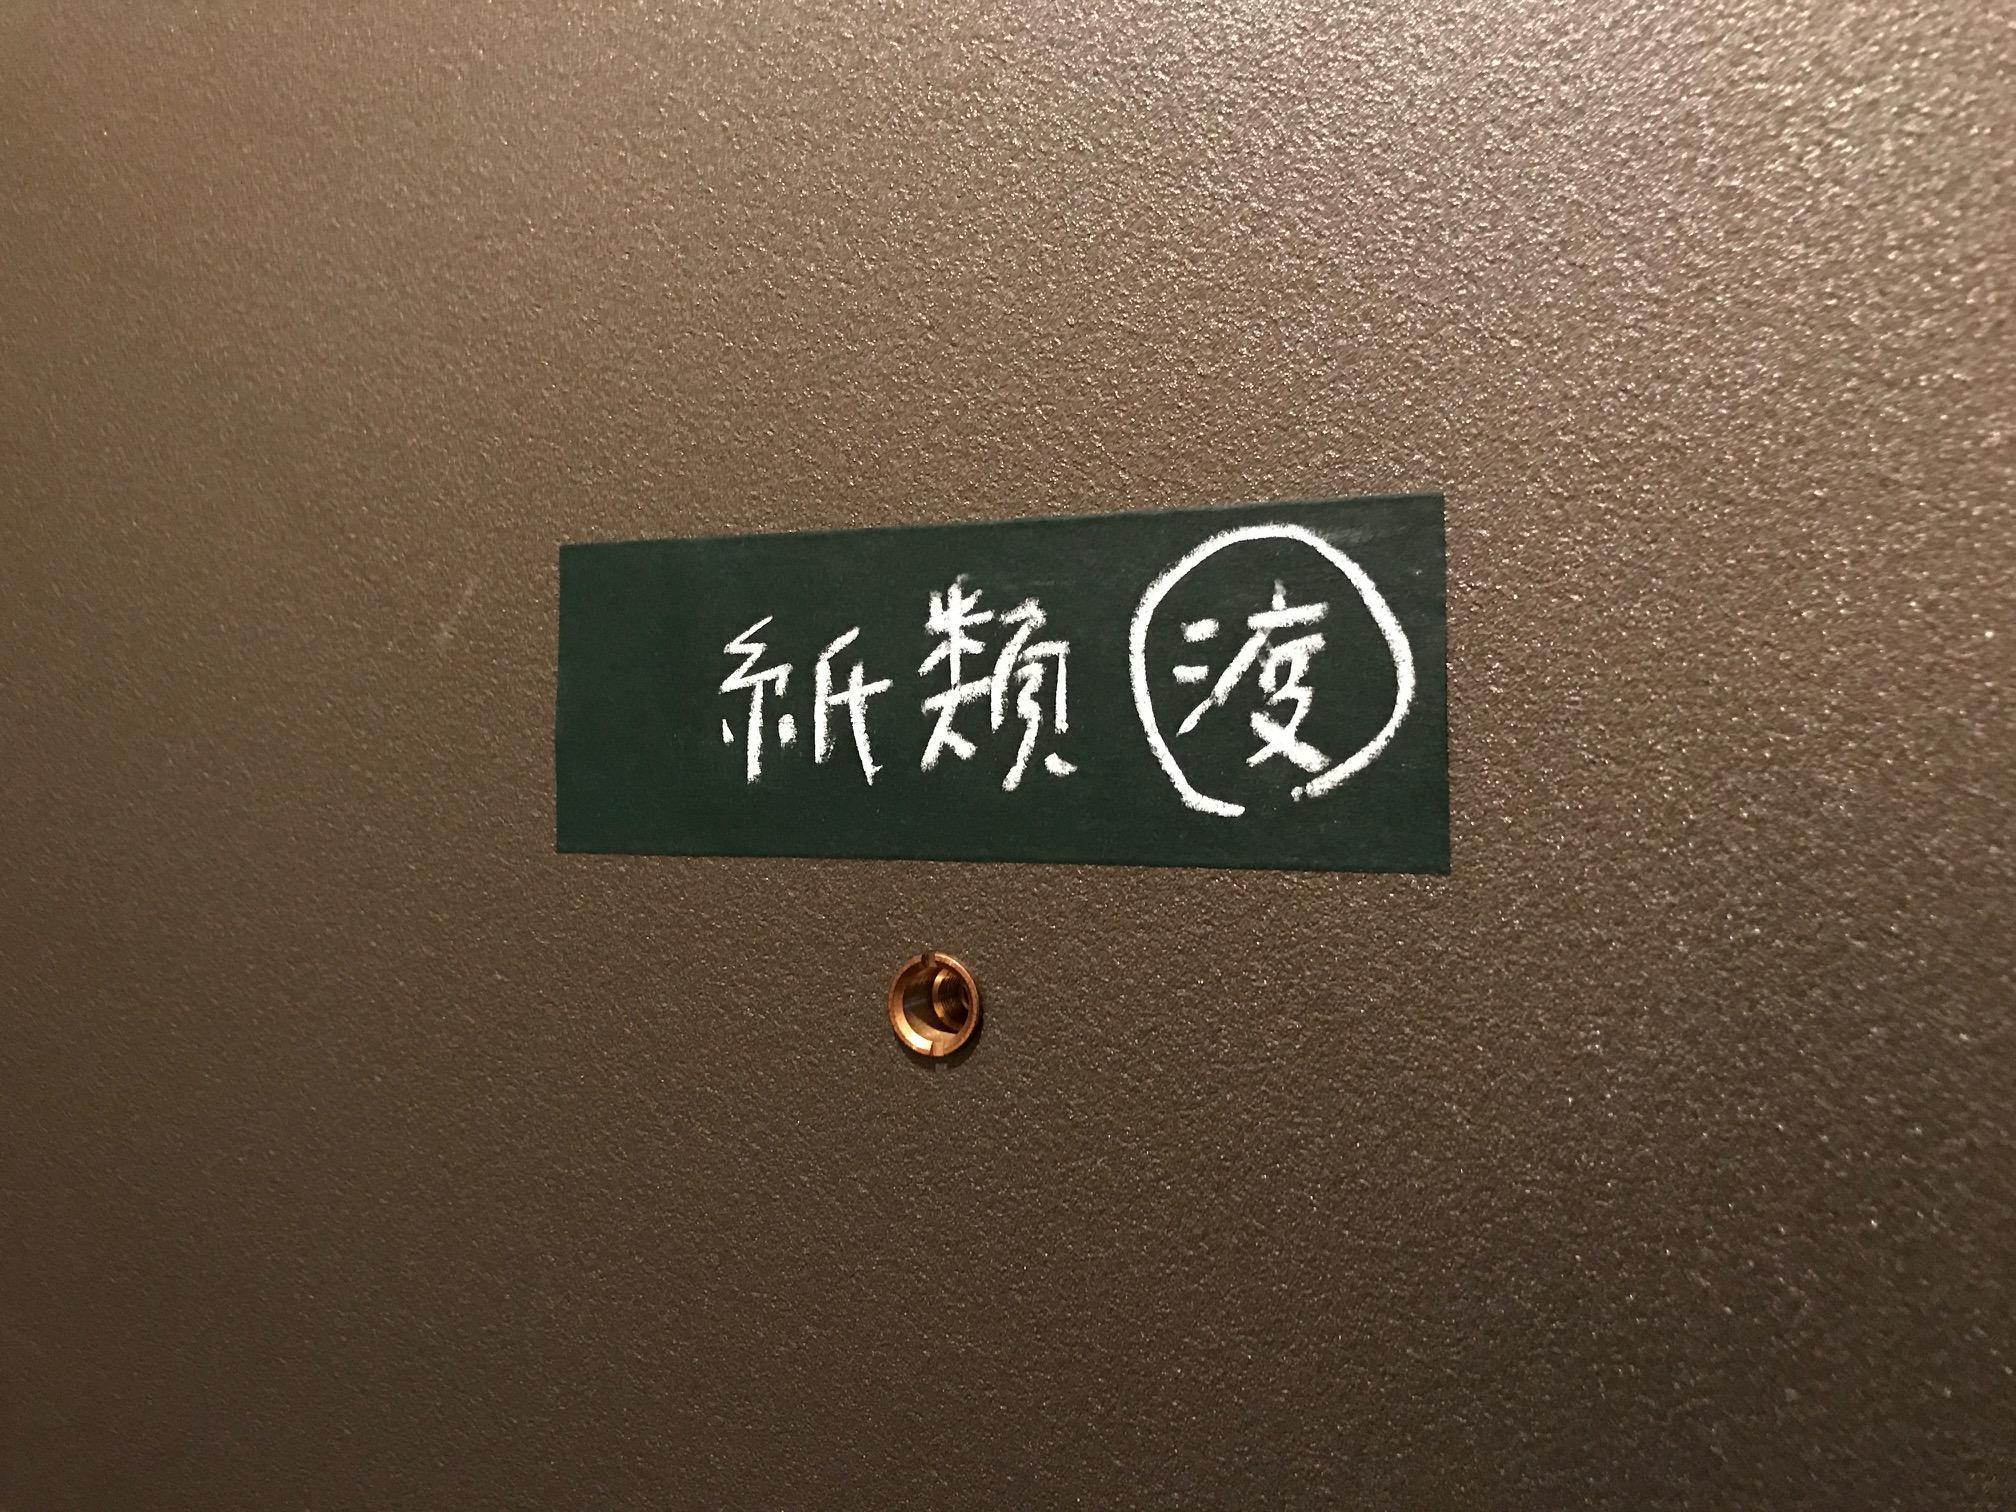 小日向京のひねもす文房具|第百二十四回「カモ井加工紙 mt fab 黒板 50mm マスキングテープ」